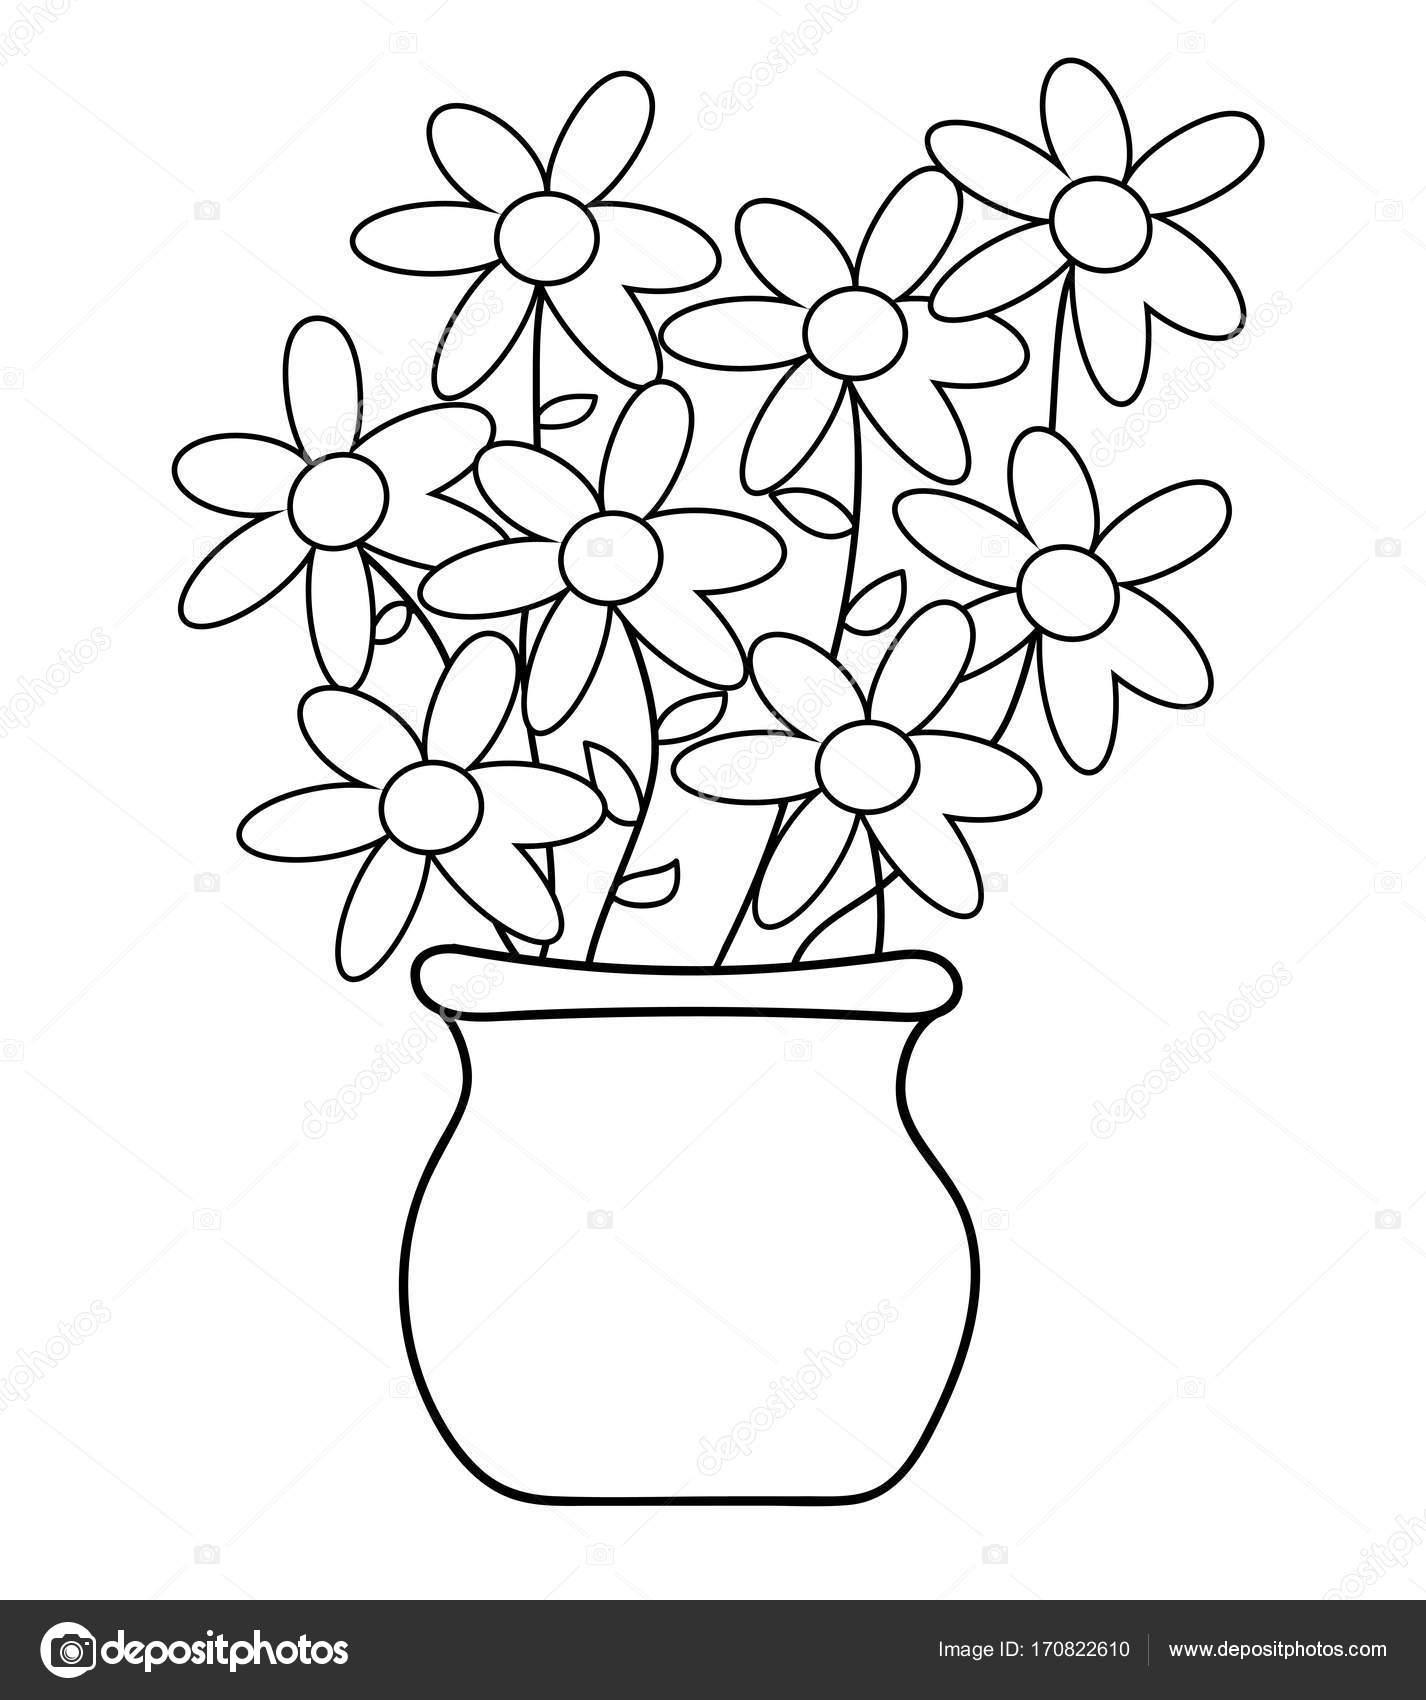 Coloriage Fleur Pot.Coloriage De Fleur Pot Image Vectorielle Keeweegirl C 170822610